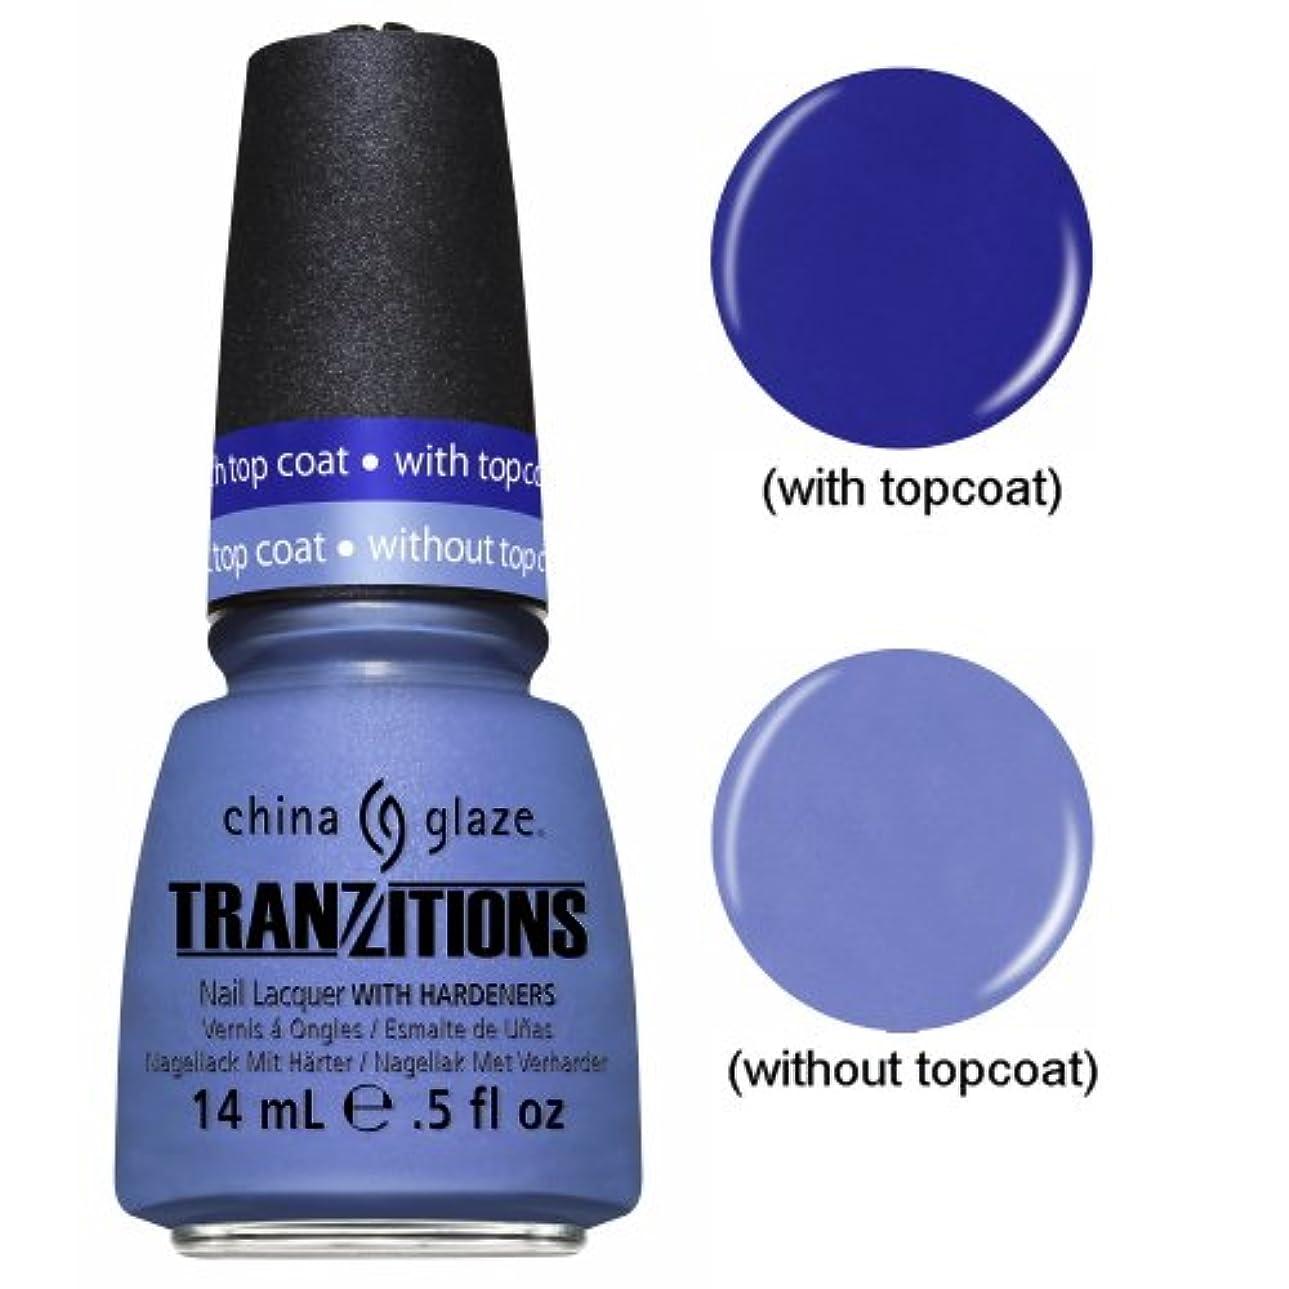 ぺディカブ時々止まる(3 Pack) CHINA GLAZE Nail Lacquer - Tranzitions - Modify Me (並行輸入品)